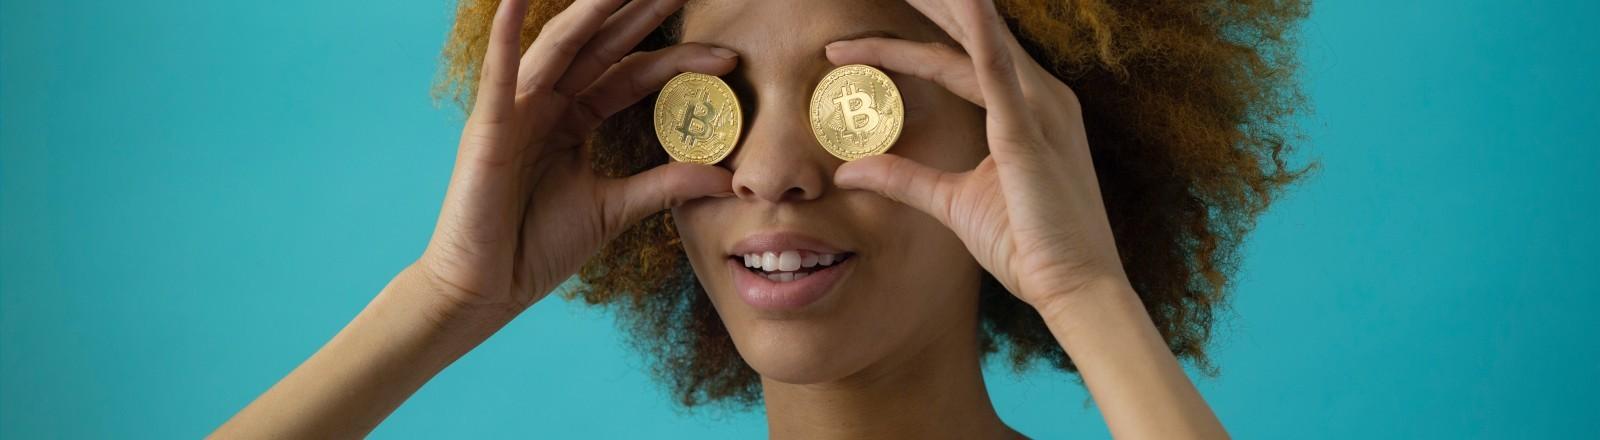 Eine Frau hält Bitcoin-Münzen vor ihre Augen.